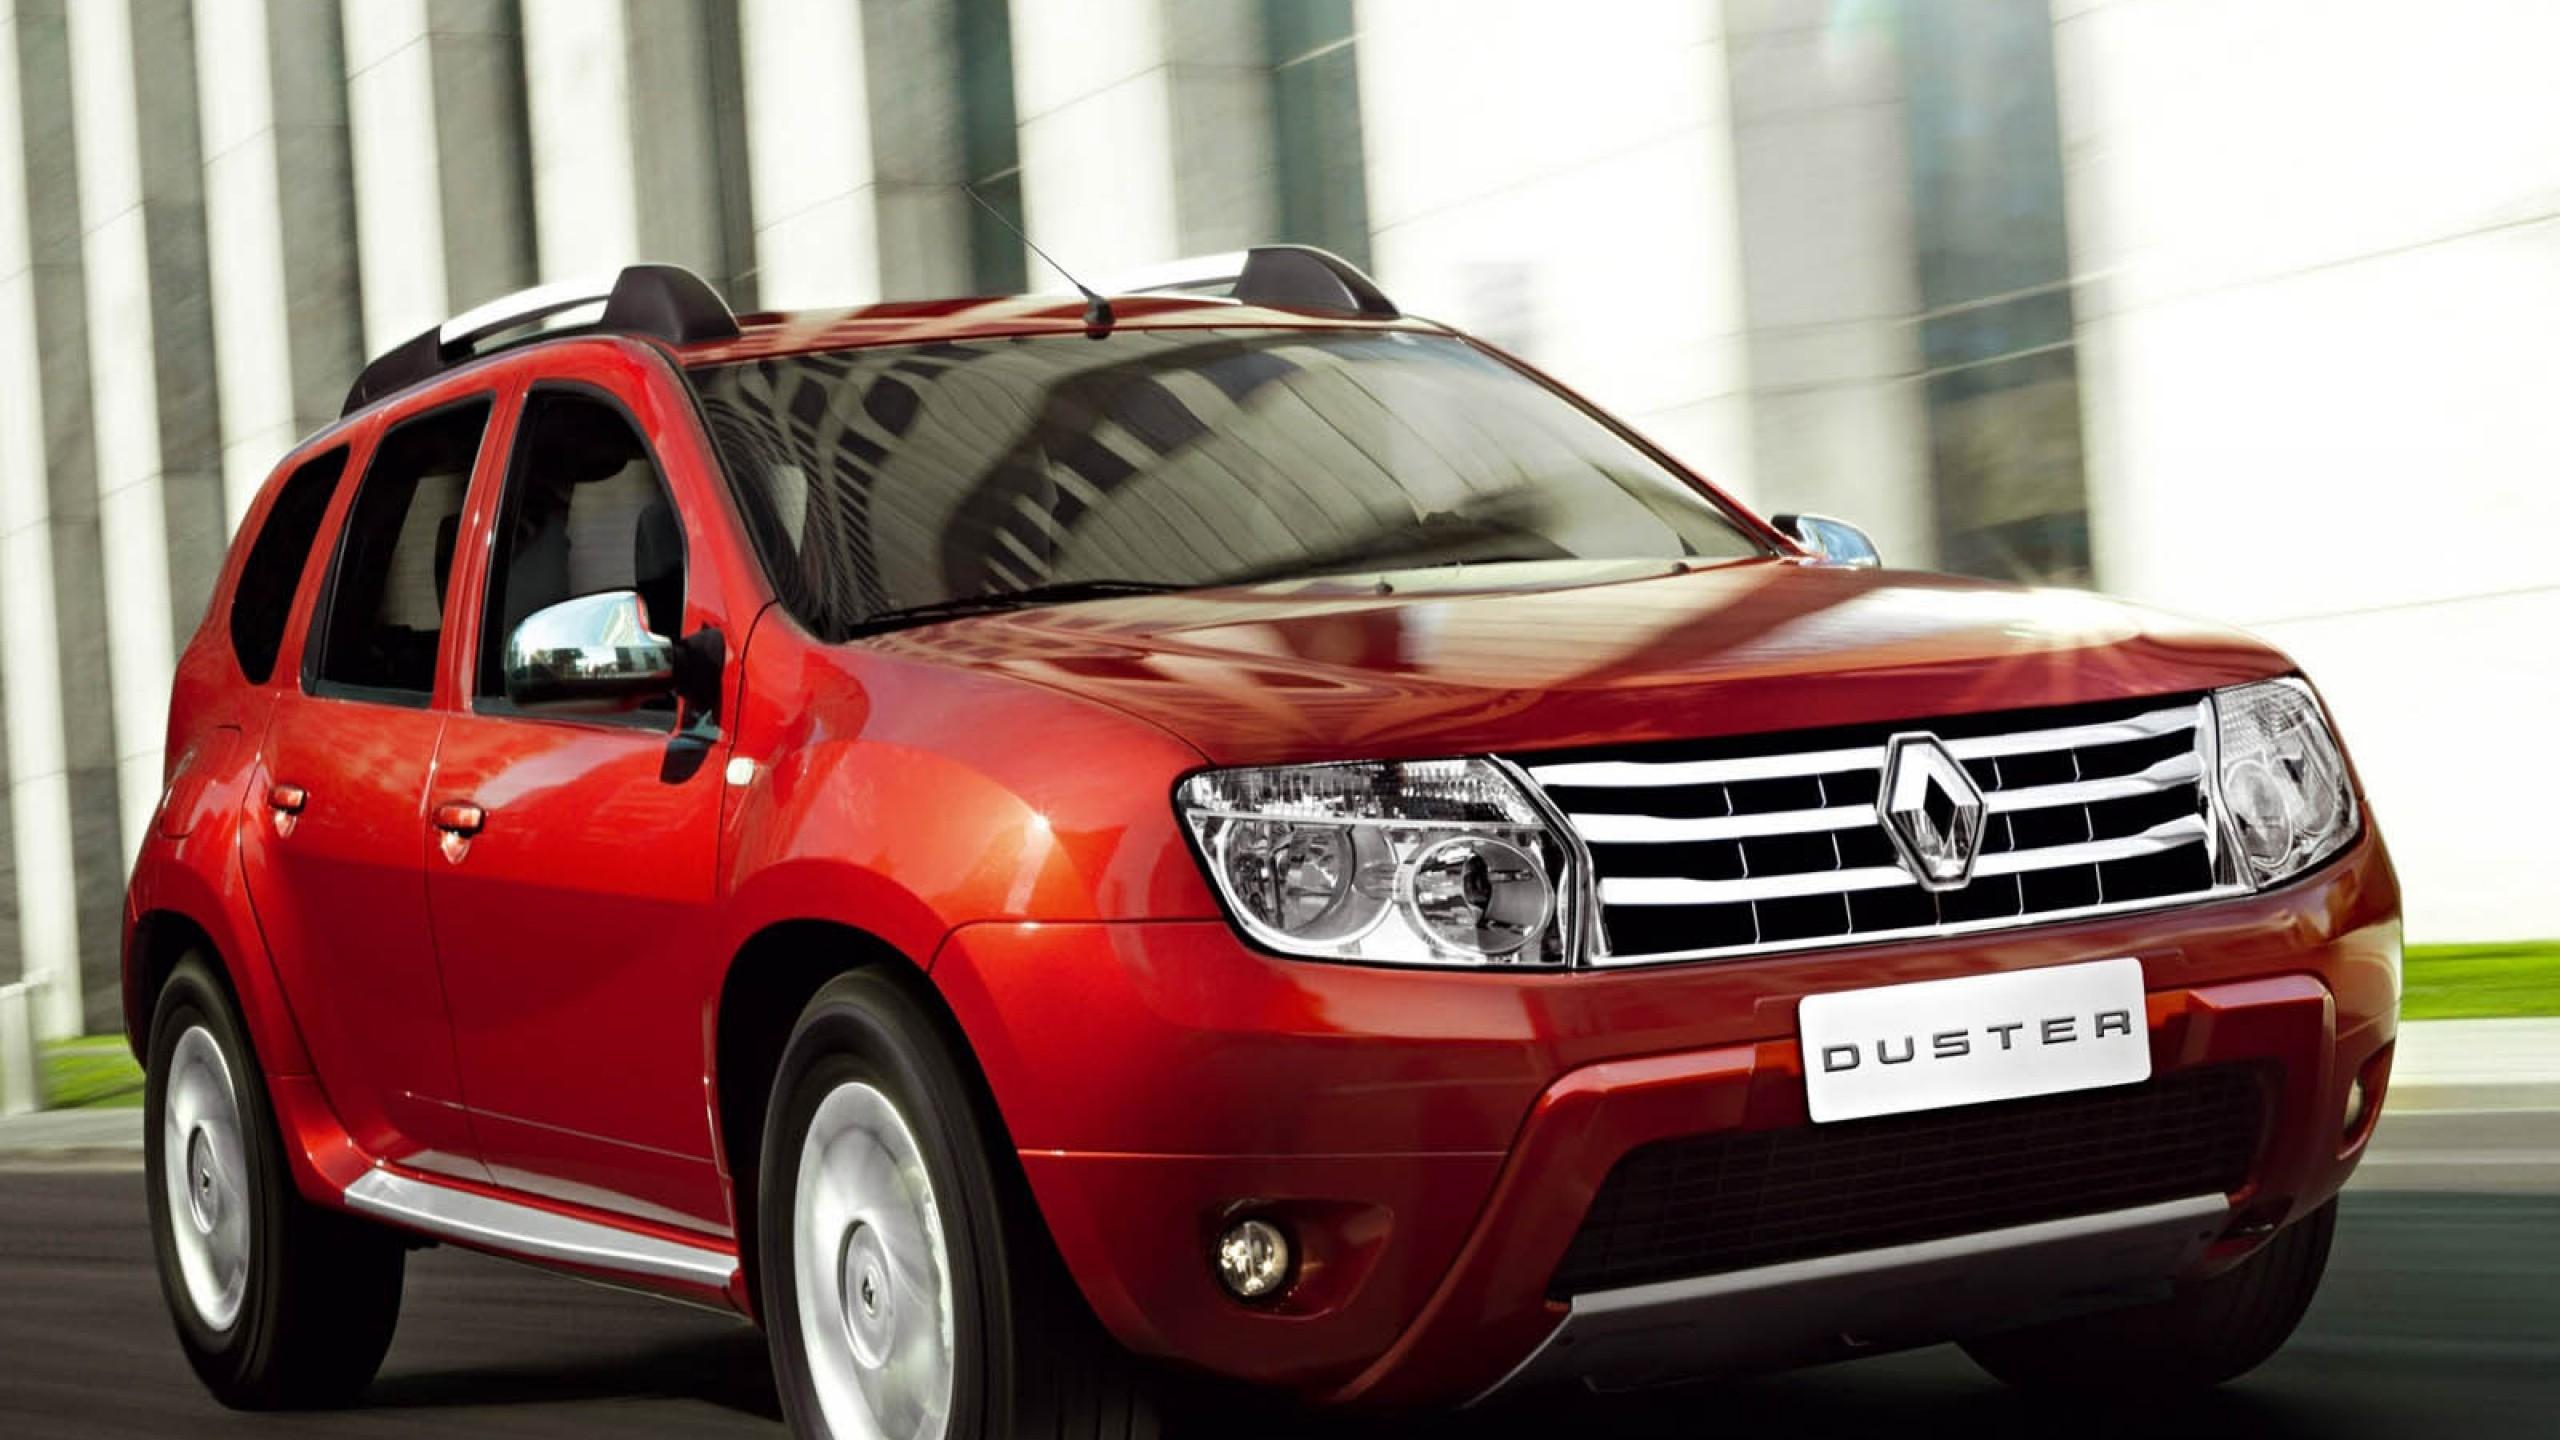 Внедорожник Renault Duster стал самым продаваемым в России в начале года